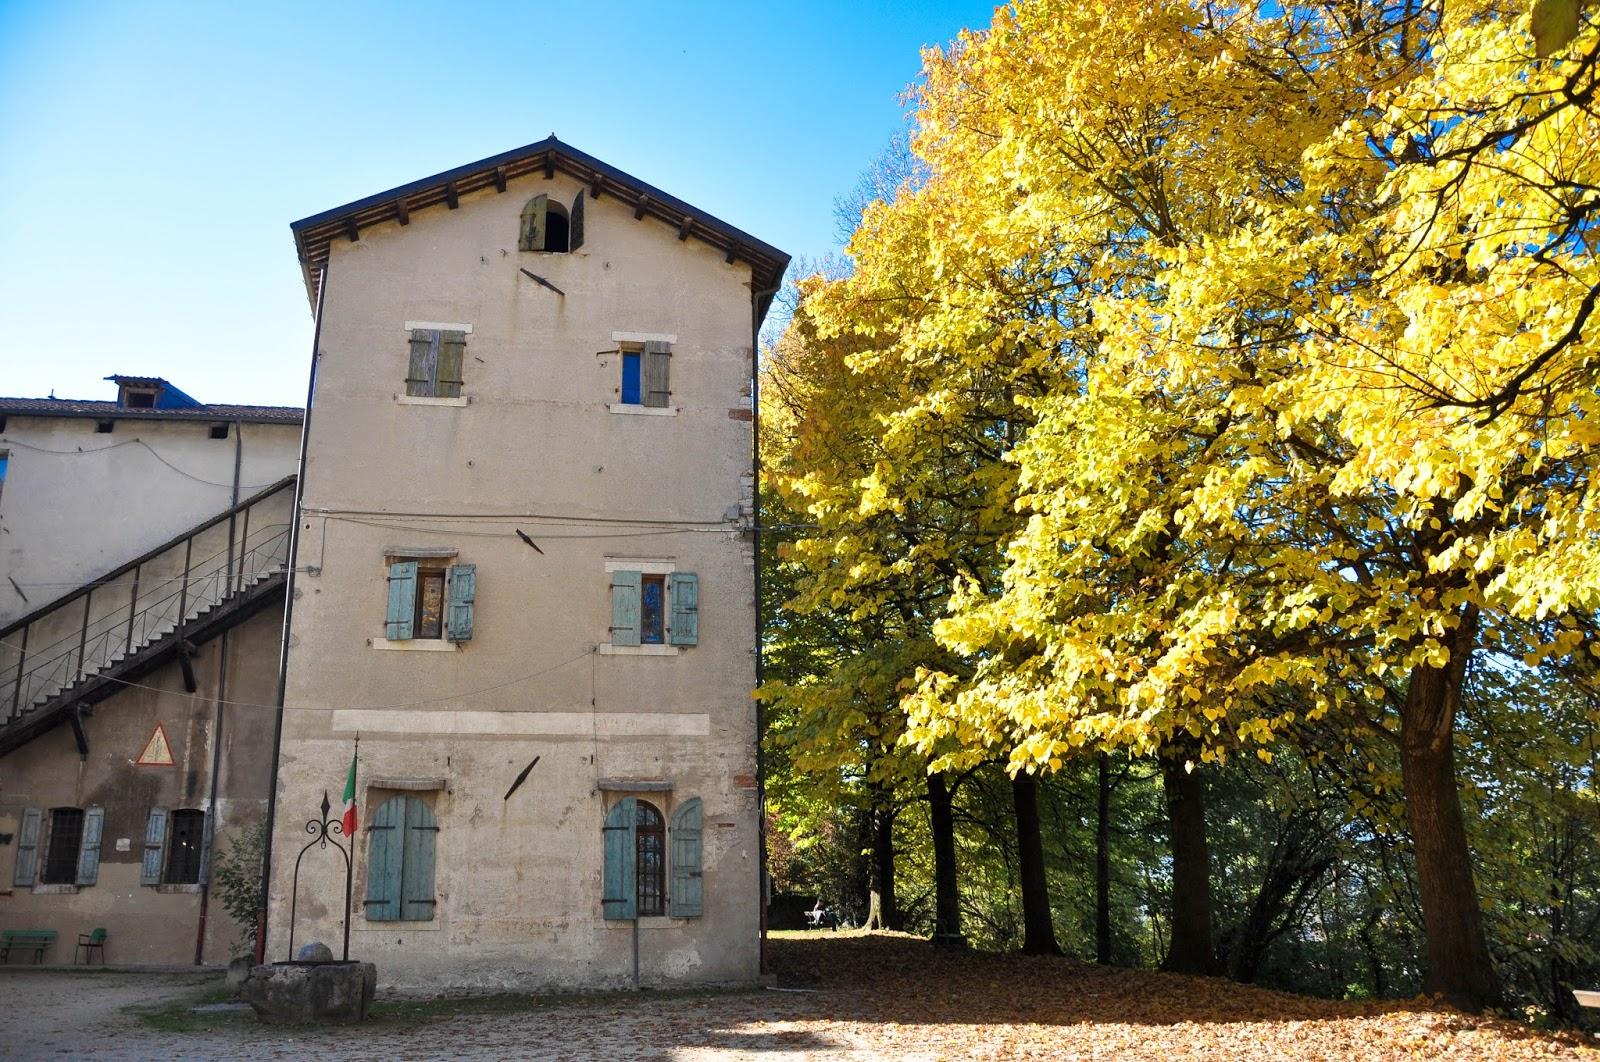 Castello di Alboino, Feltre, Veneto, Italy